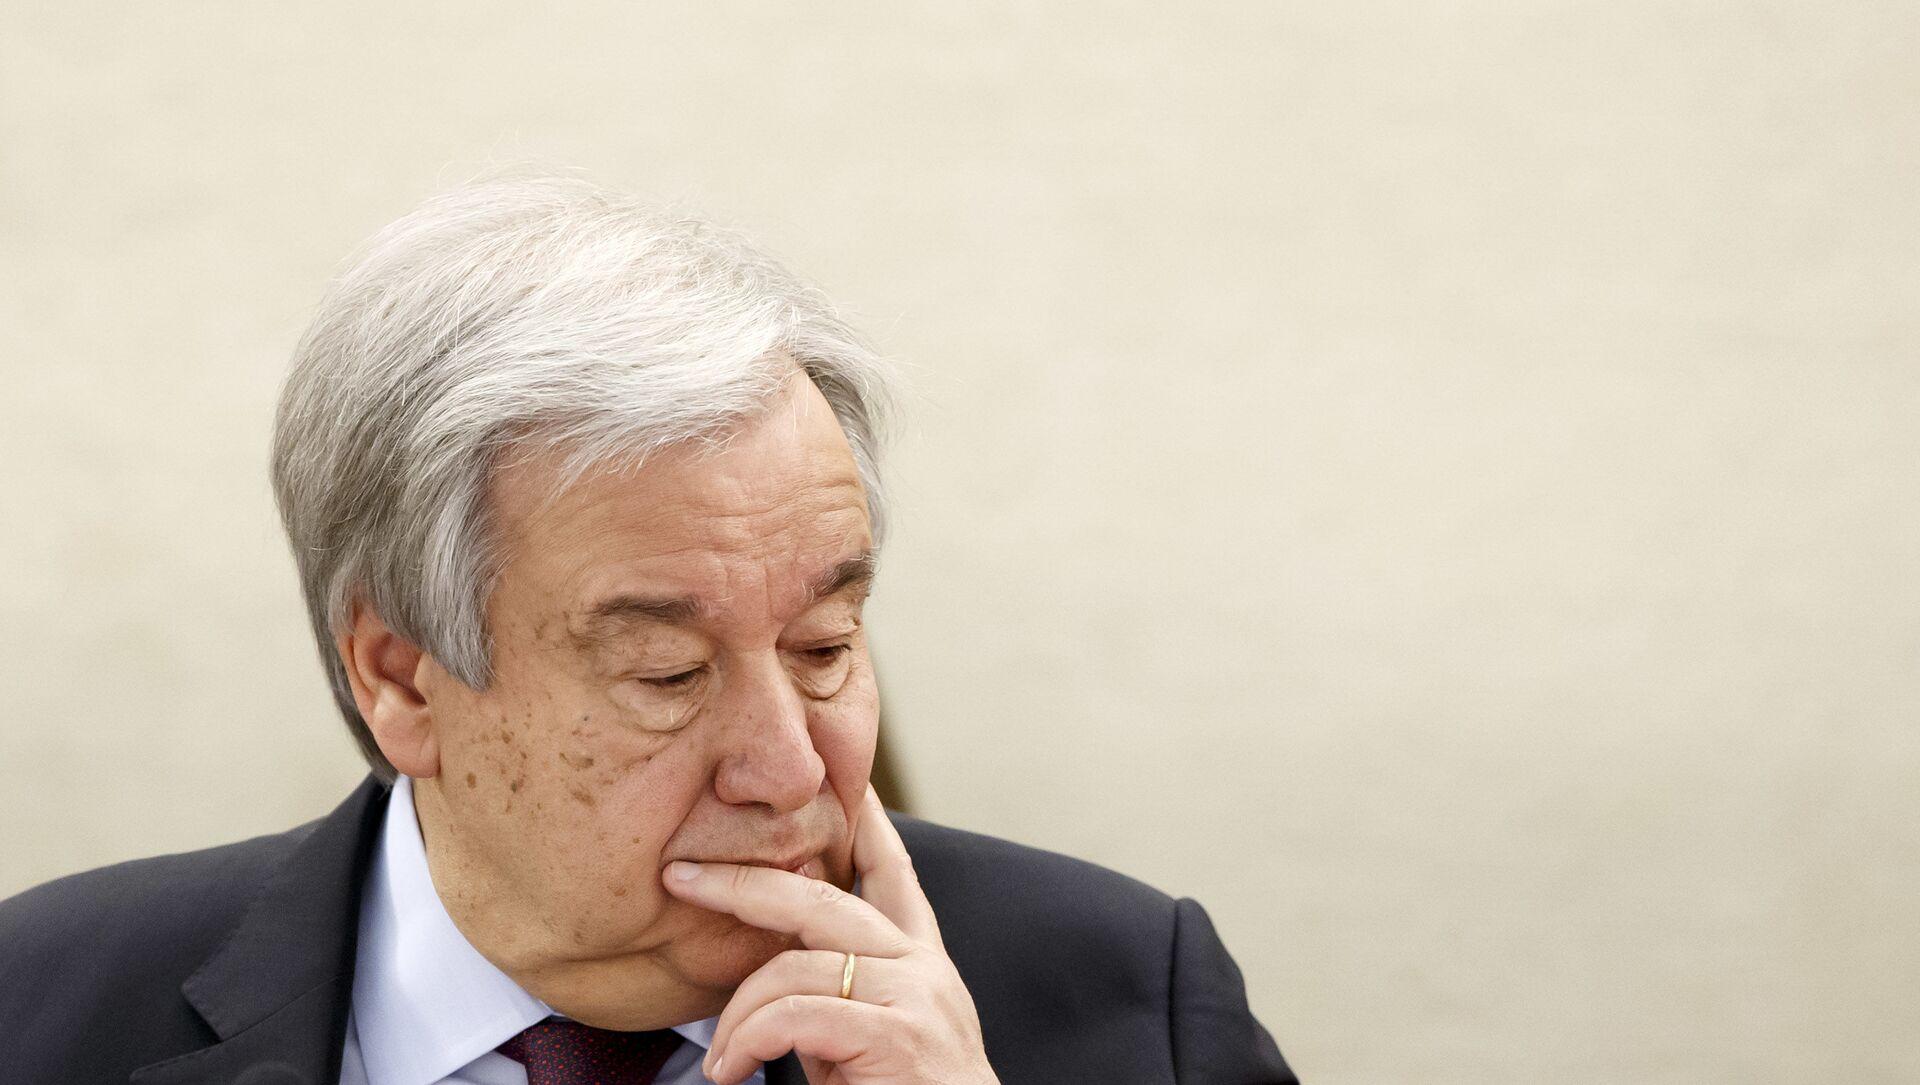 Birleşmiş Milletler (BM) Genel Sekreteri Antonio Guterres - Sputnik Türkiye, 1920, 19.04.2021